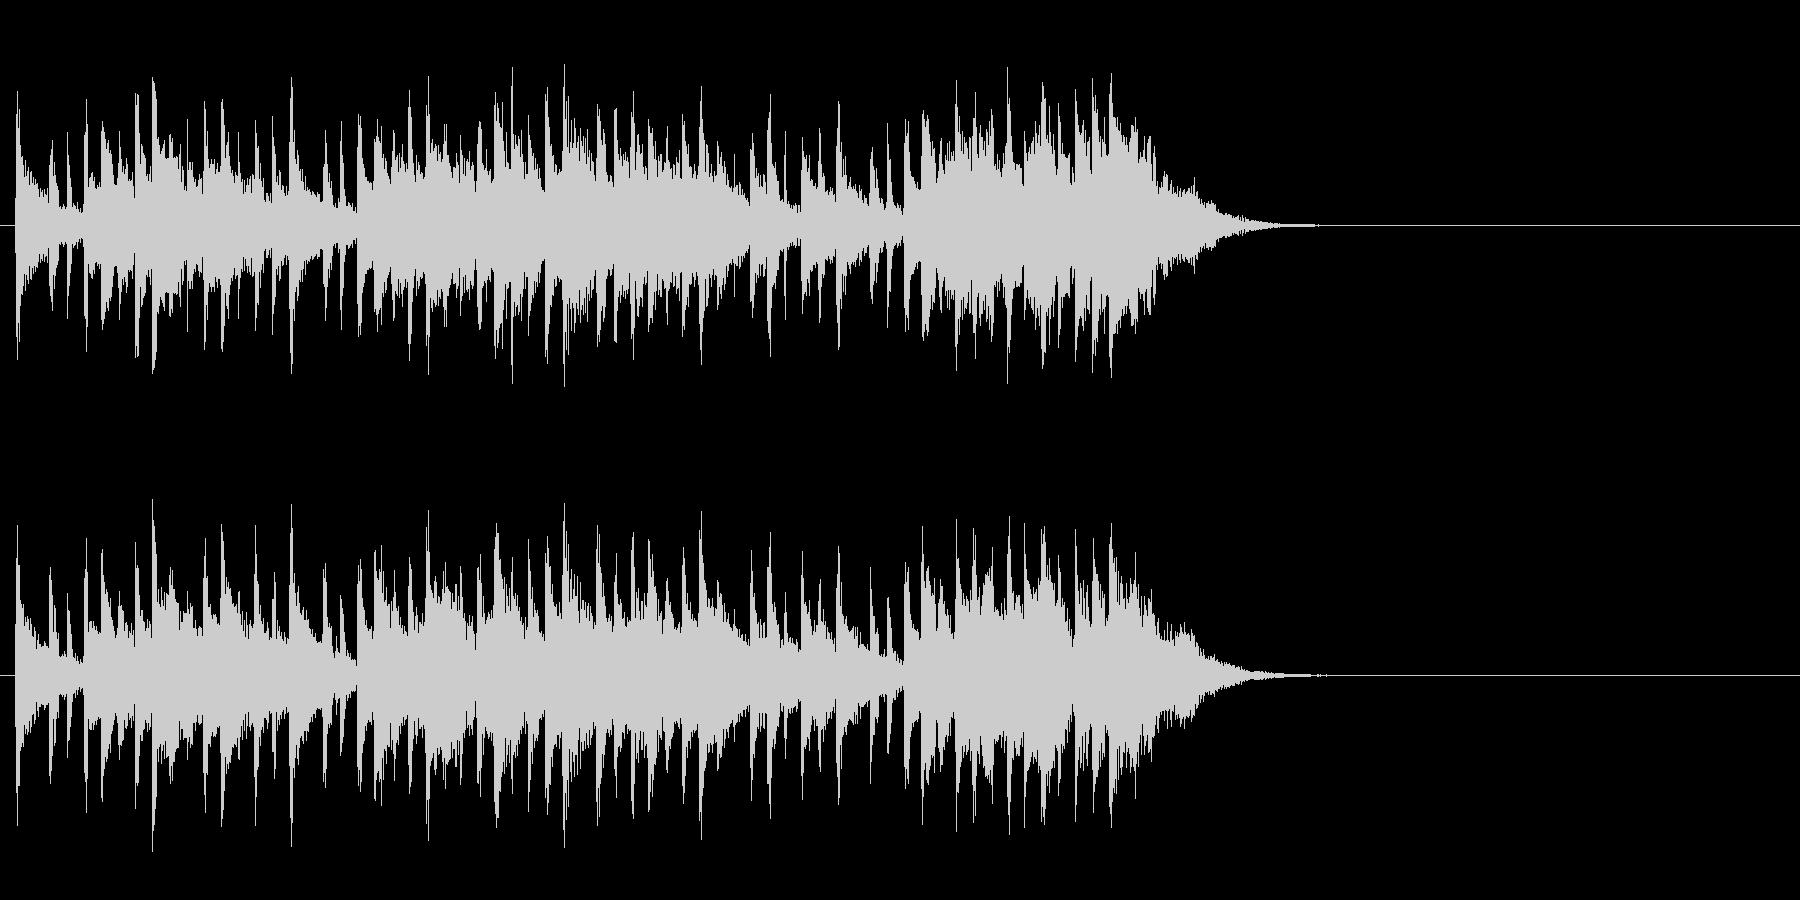 のんびりと爽やかなポップ(Aメロ)の未再生の波形